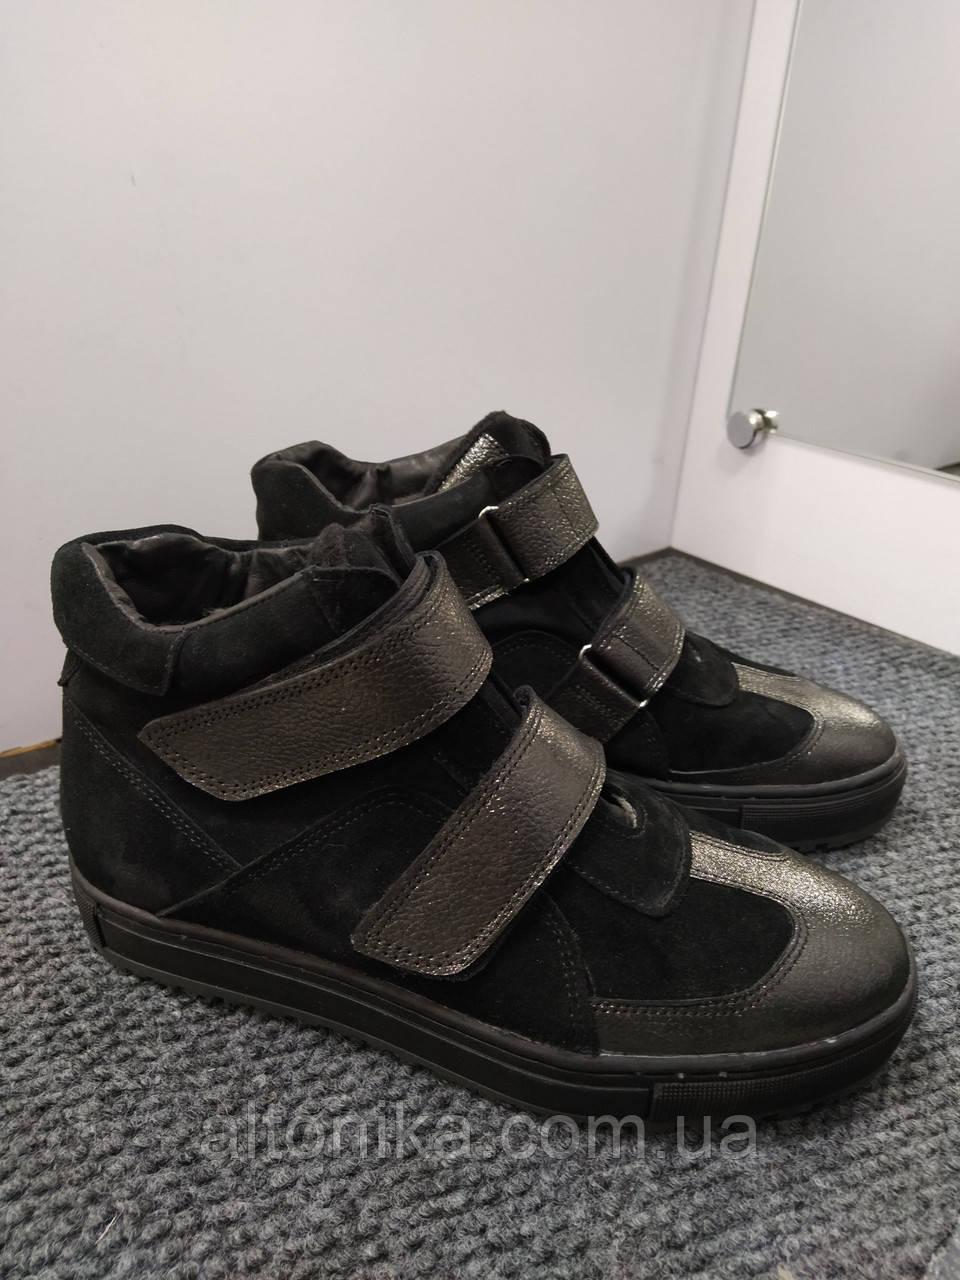 STTOPA деми зима. Размеры 40-45. Ботинки кожаные на широкую ногу больших размеров! С9-40-4045-33-4045 Черные